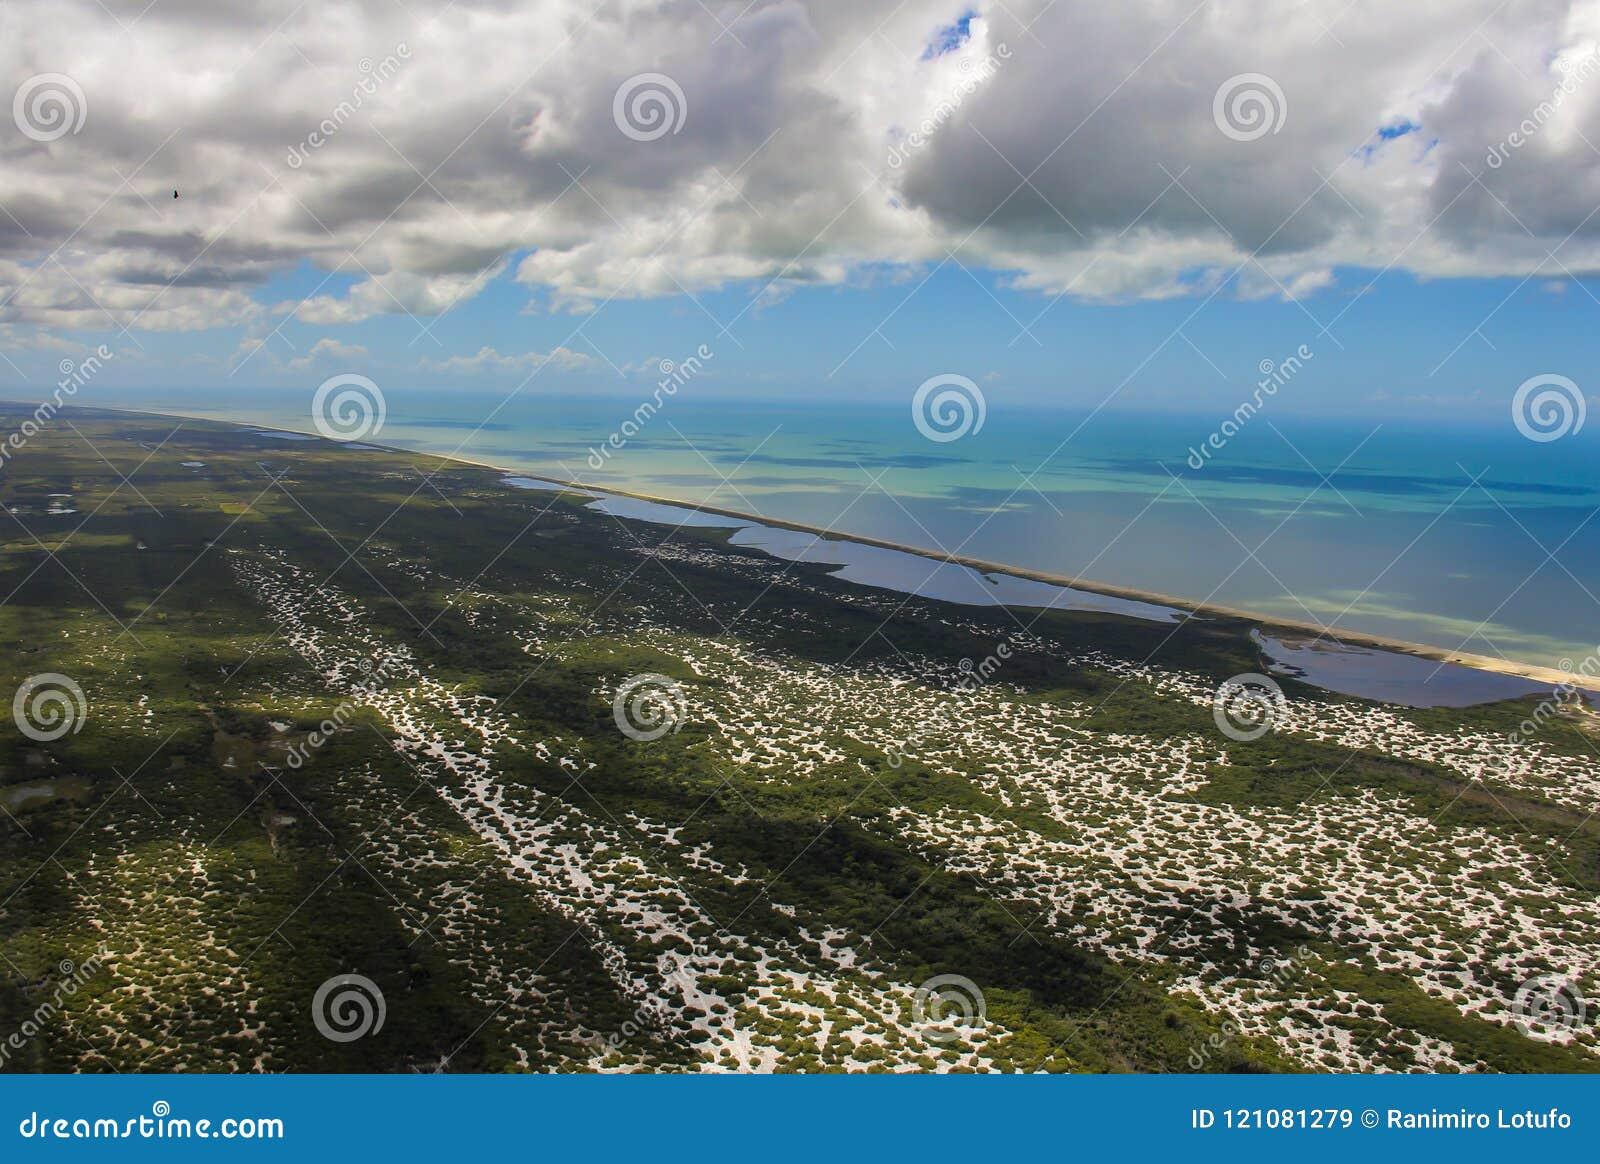 Encalhe o paraíso, praia maravilhosa, praia na região de Arraial fazem Cabo, estado de Rio de janeiro, Brasil Ámérica do Sul